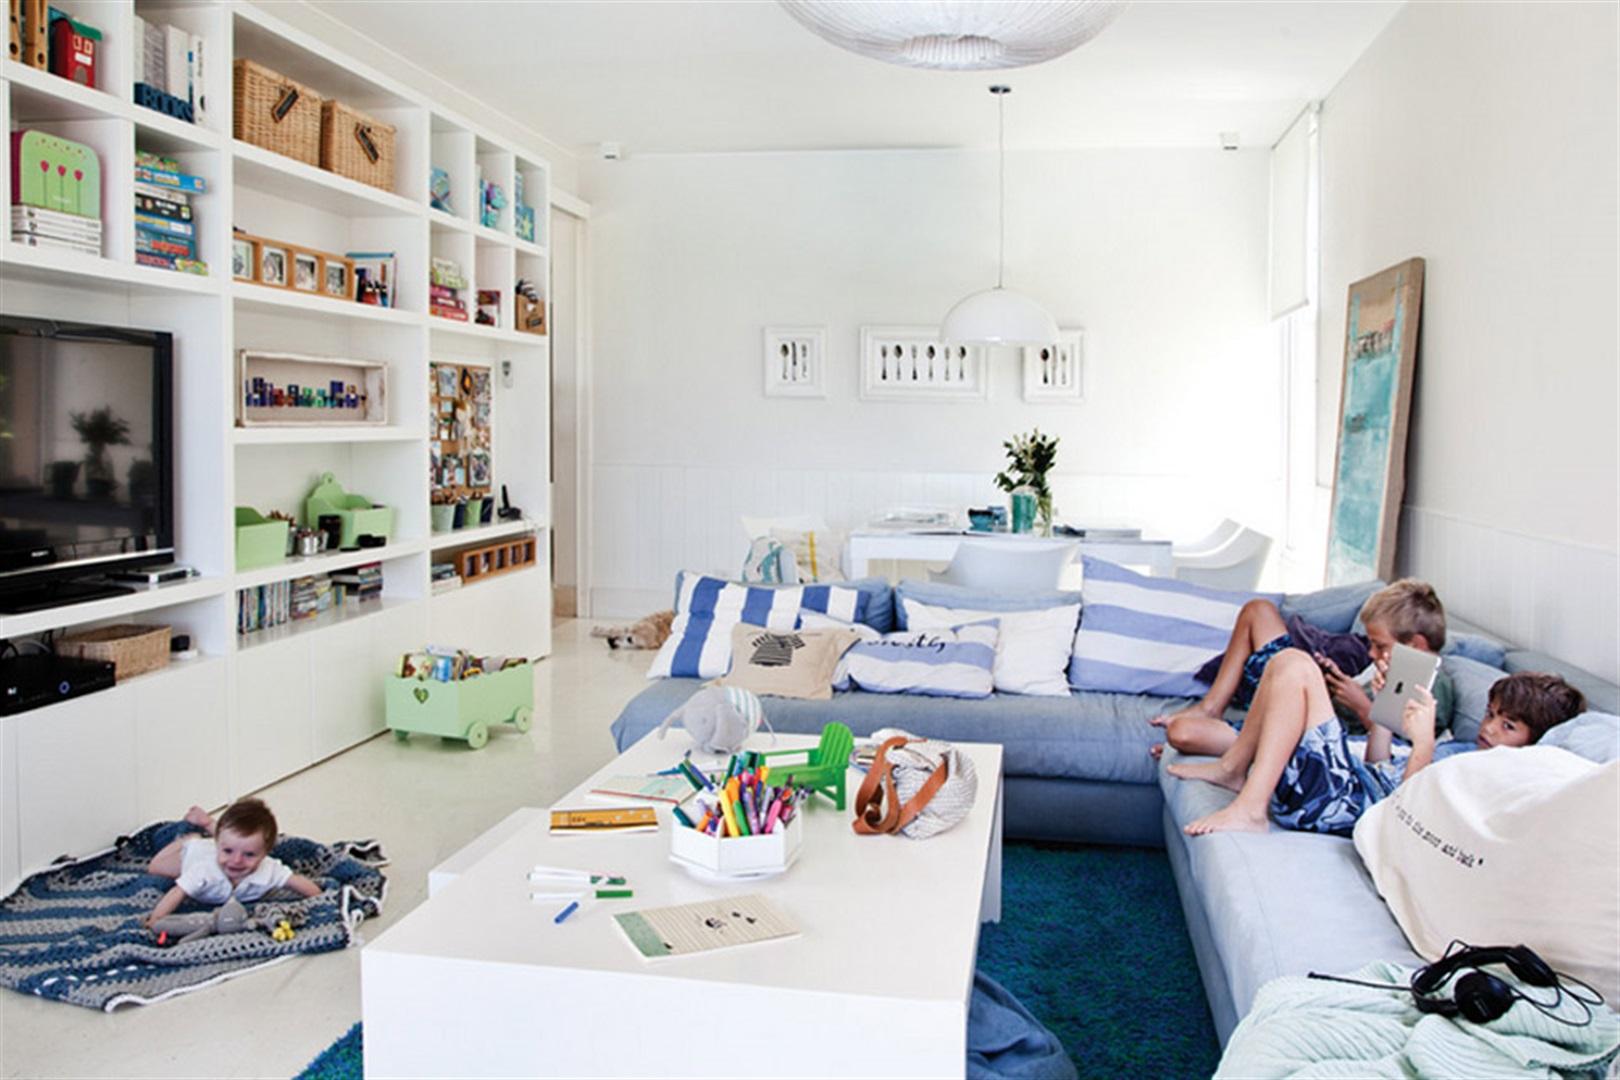 Diseno De Playroom Para Tu Hogar Encuentra La Mejor Manera De - Ultimo-en-decoracion-de-hogar